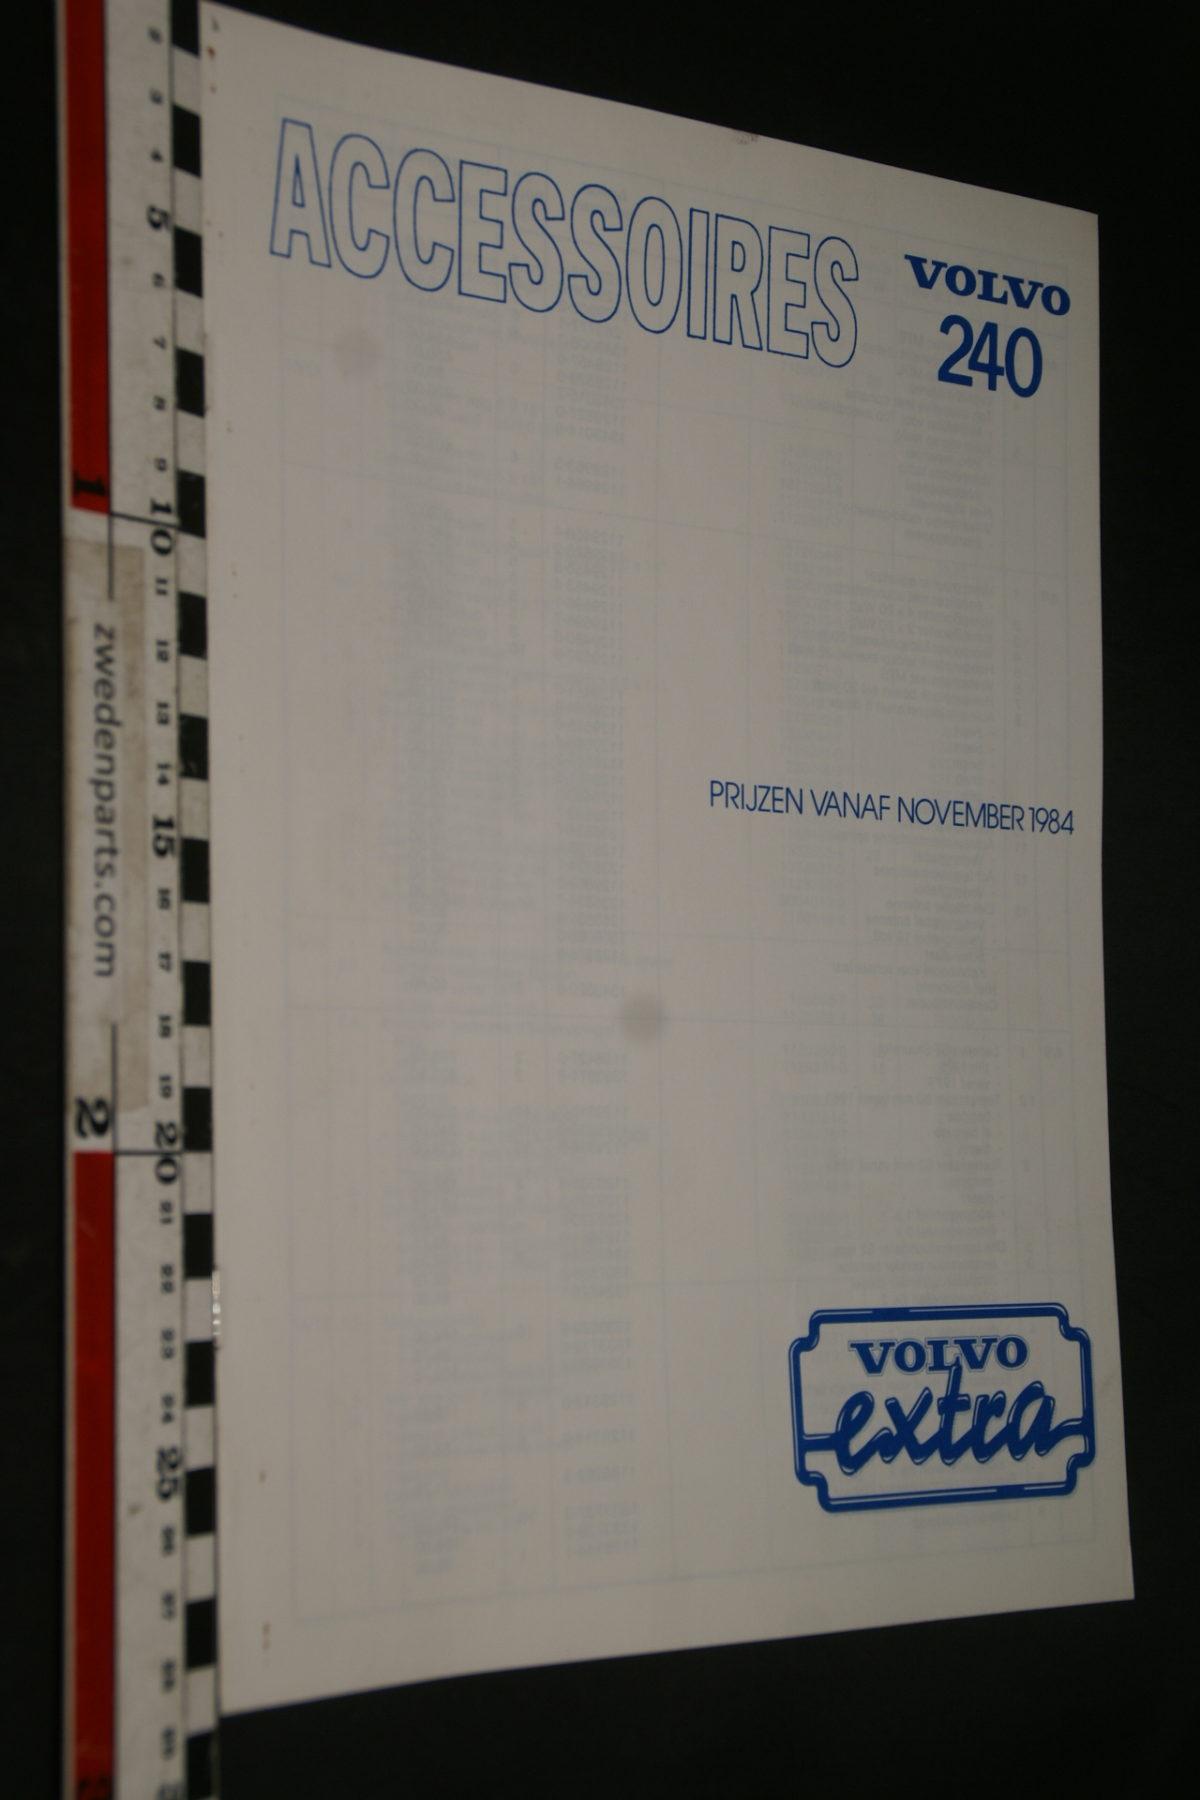 DSC07937 1984 brochure Volvo 240 accessoires prijzen